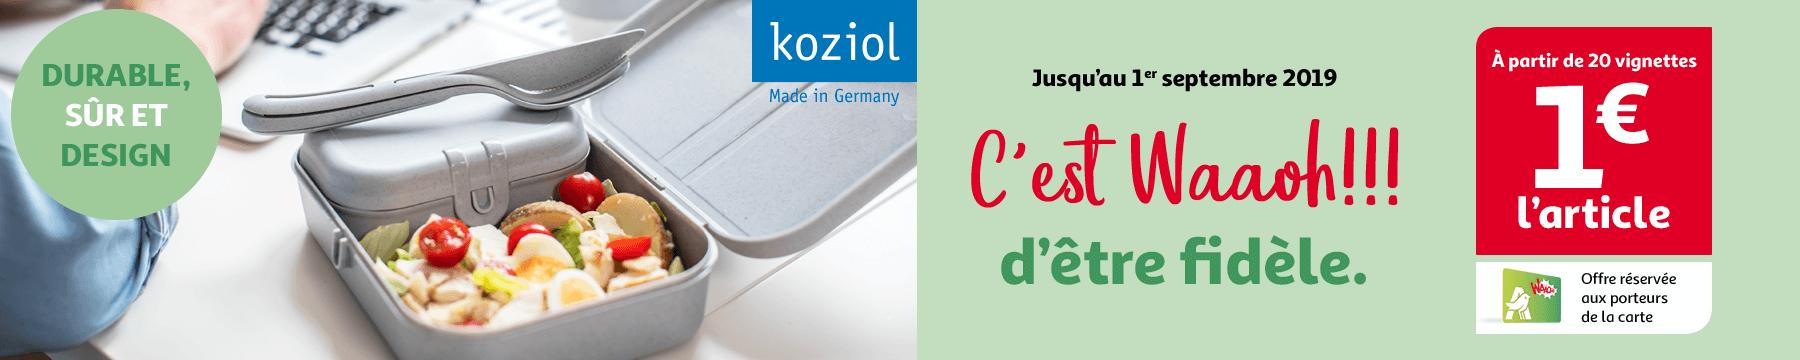 Jusqu'au 1er septembre 2019 - Koziol : c'est Waaoh!!! d'être fidèle !